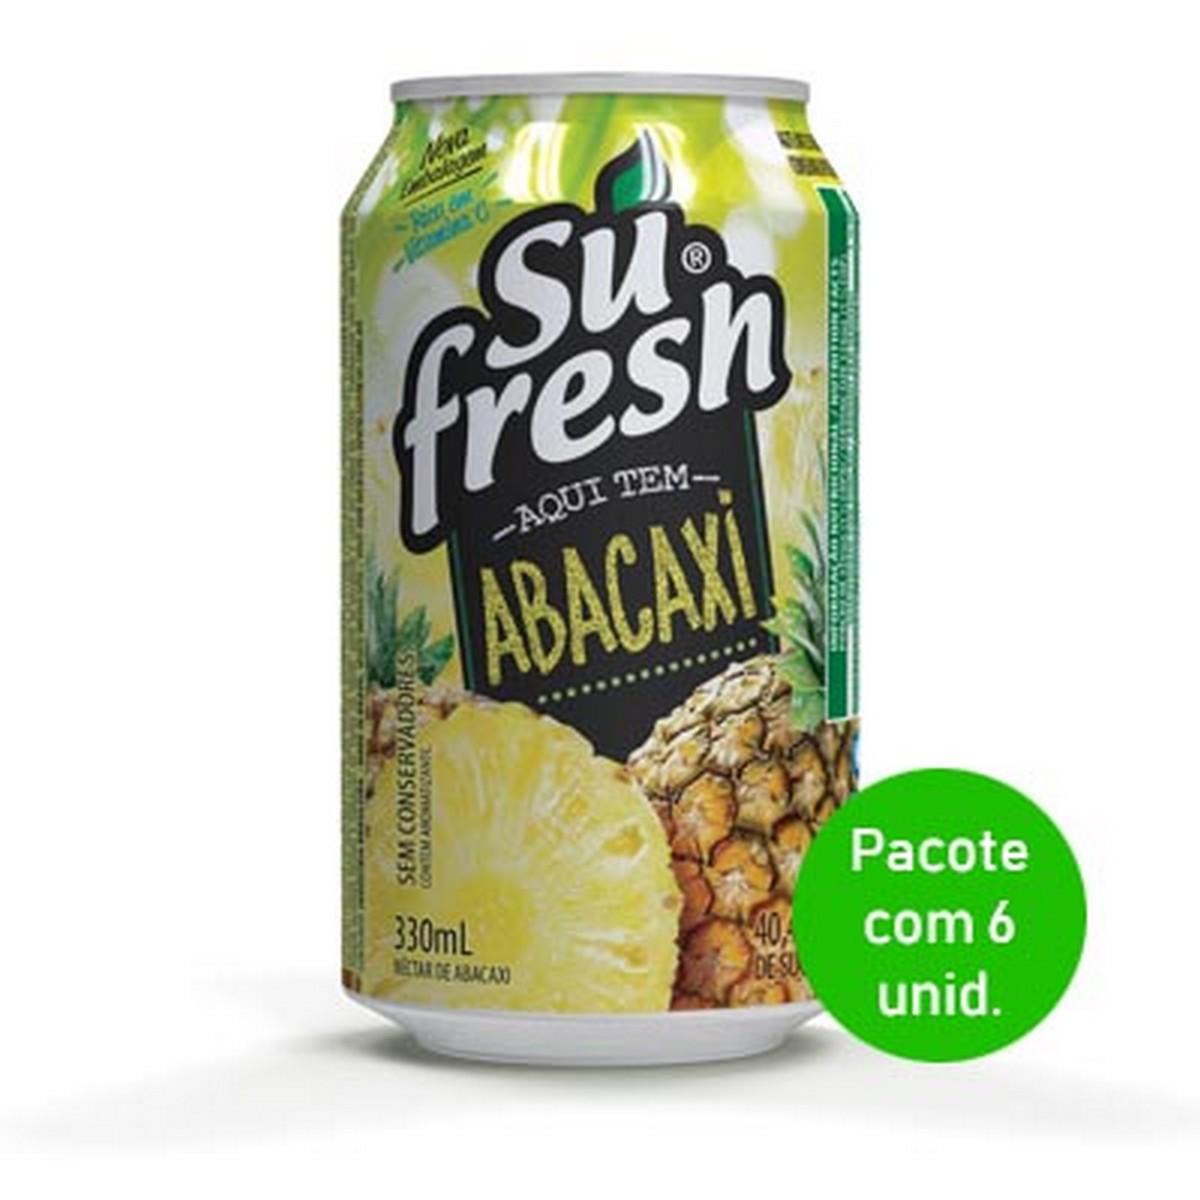 Fornecedores de sucos em sao paulo